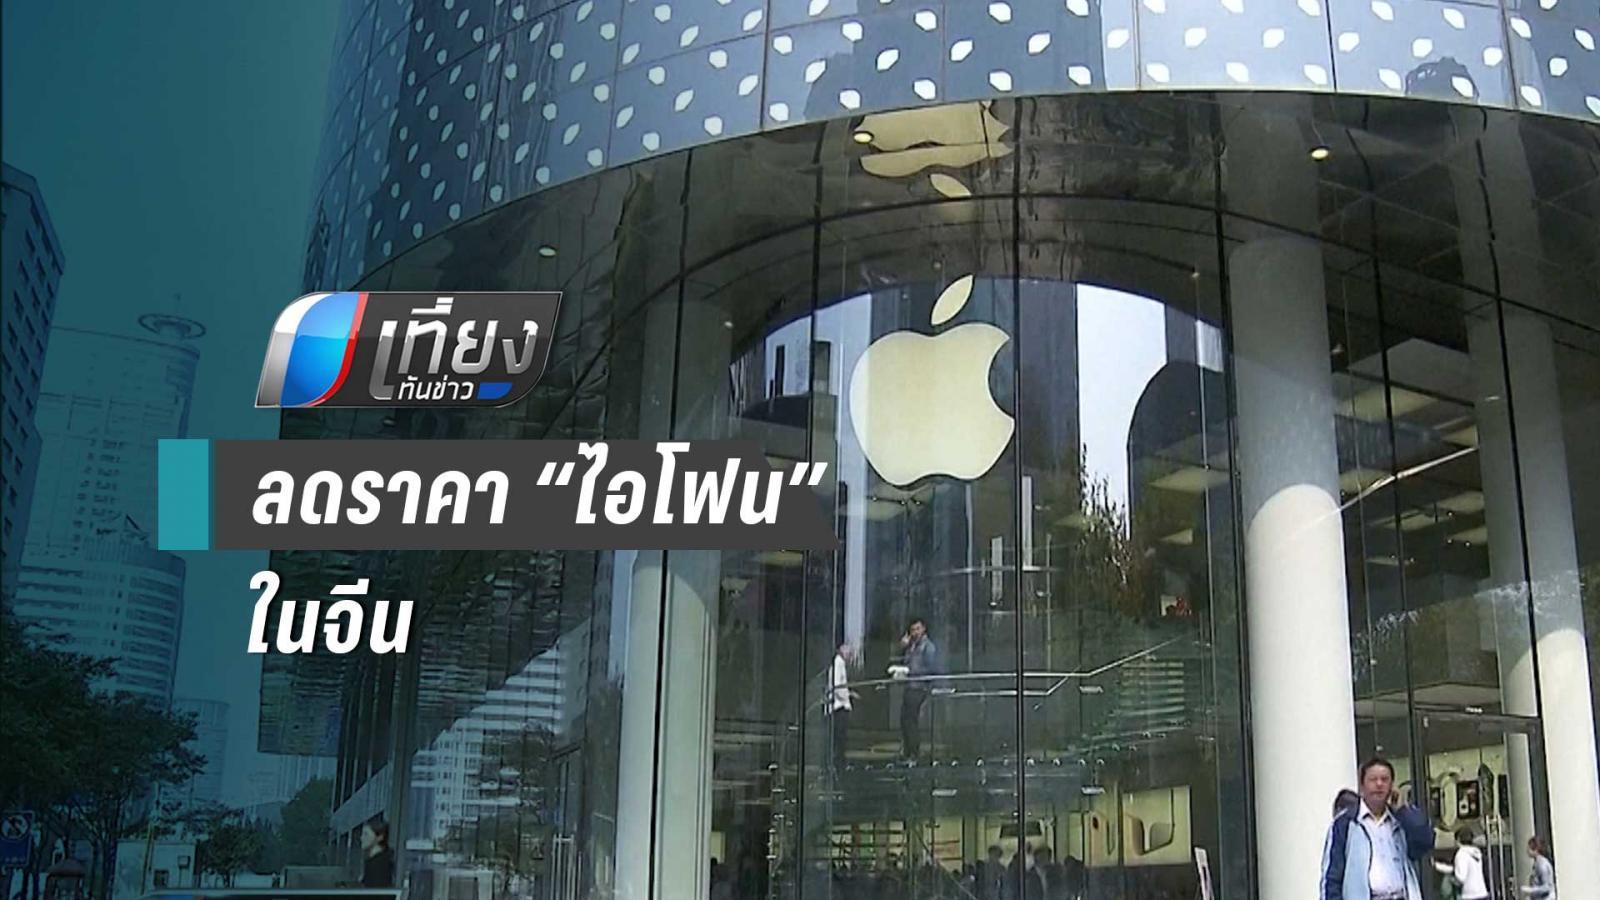 """""""แอปเปิล"""" หั่นราคาไอโฟนในจีน"""